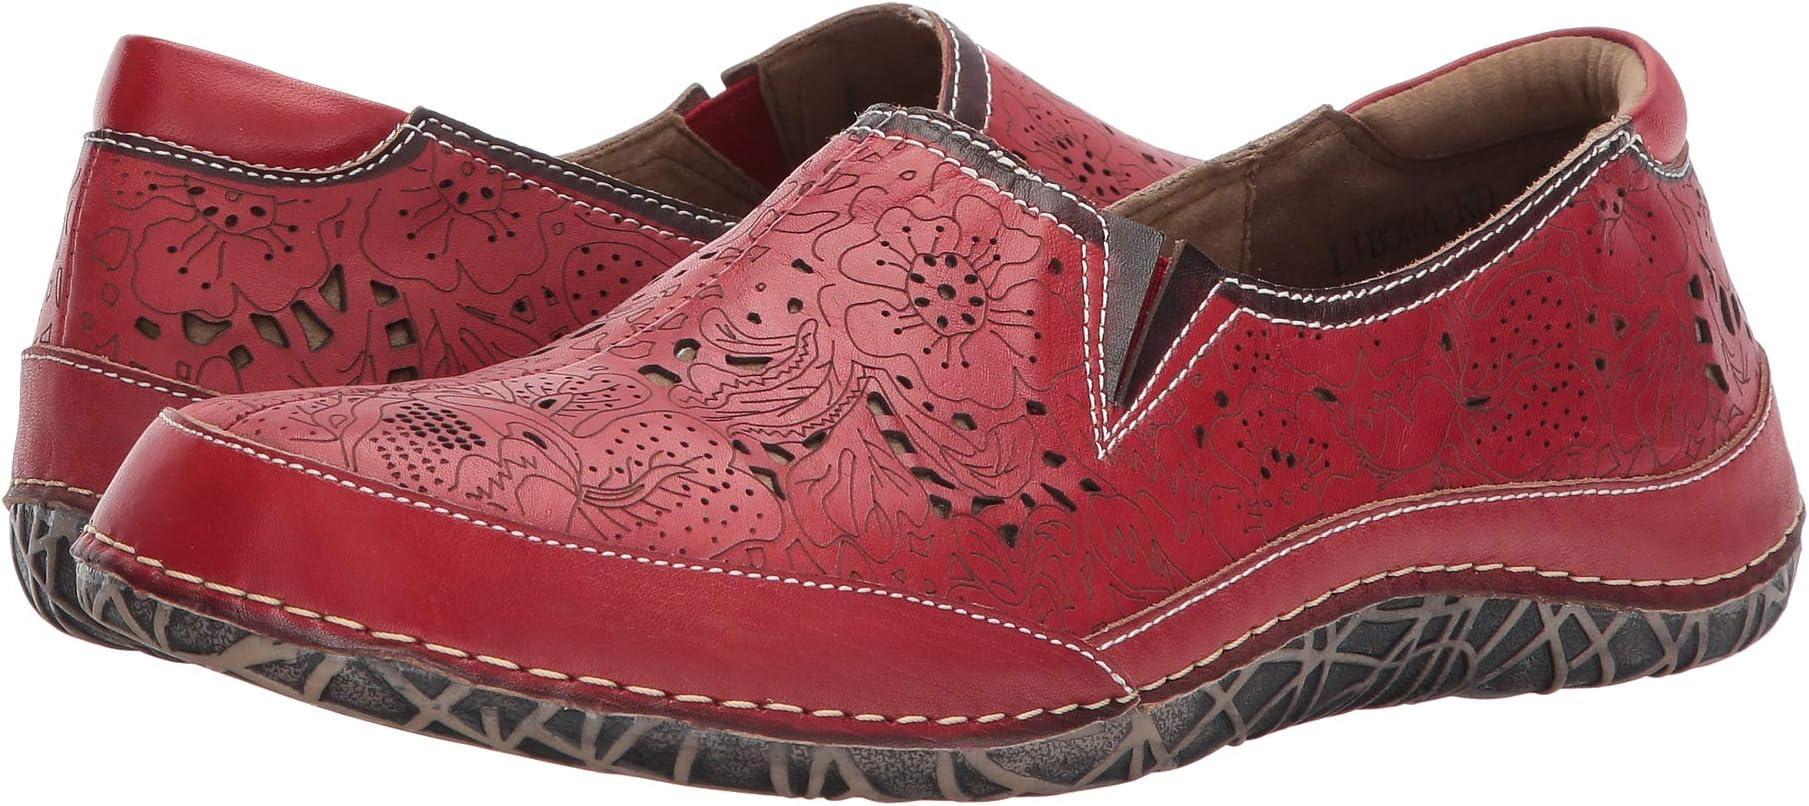 L'Artiste  Loafers